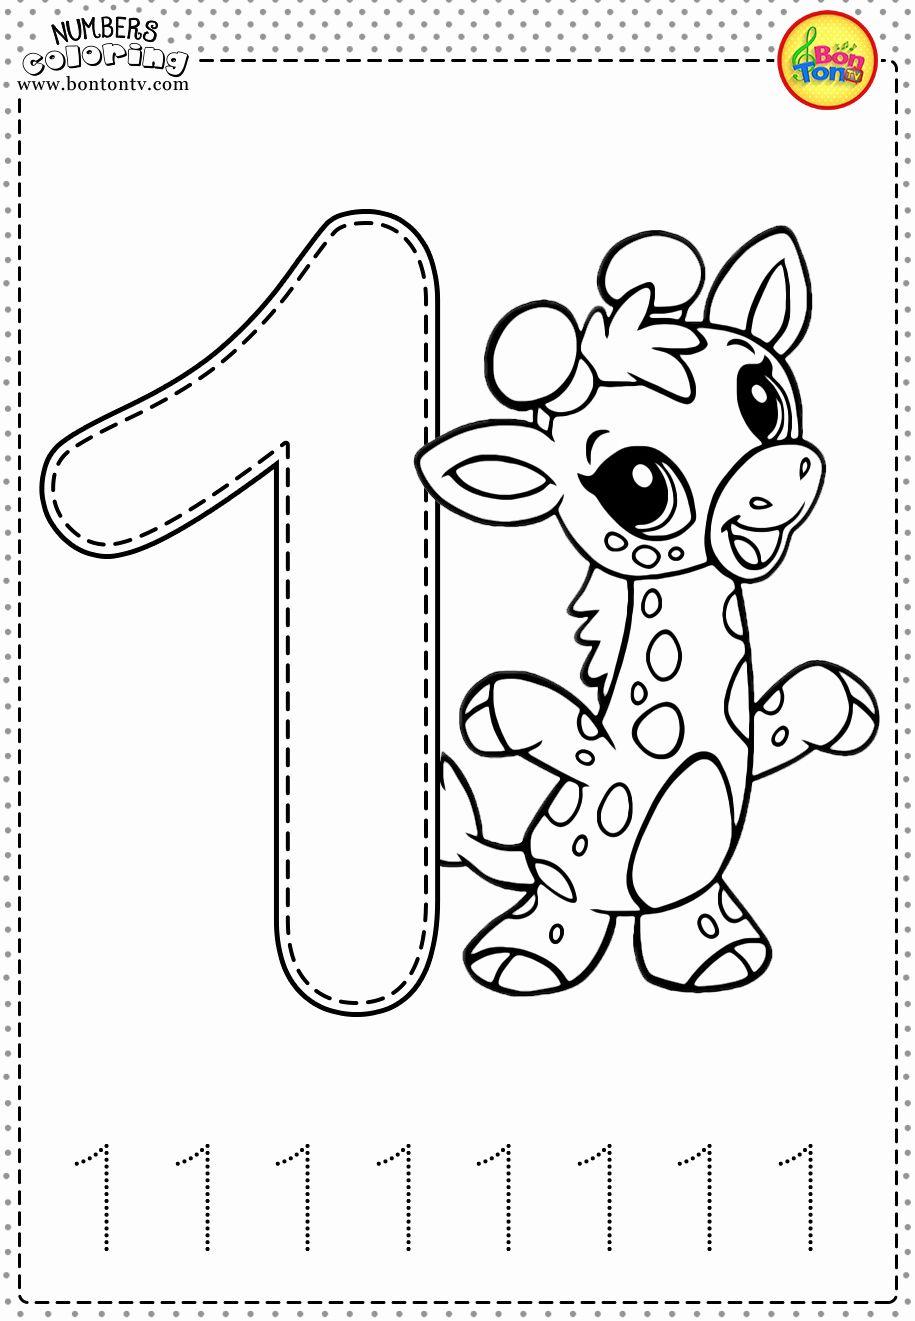 Number 4 Coloring Worksheets Beautiful Number 1 Preschool Printables F In 2020 Preschool Worksheets Free Printables Free Preschool Printables Free Preschool Worksheets